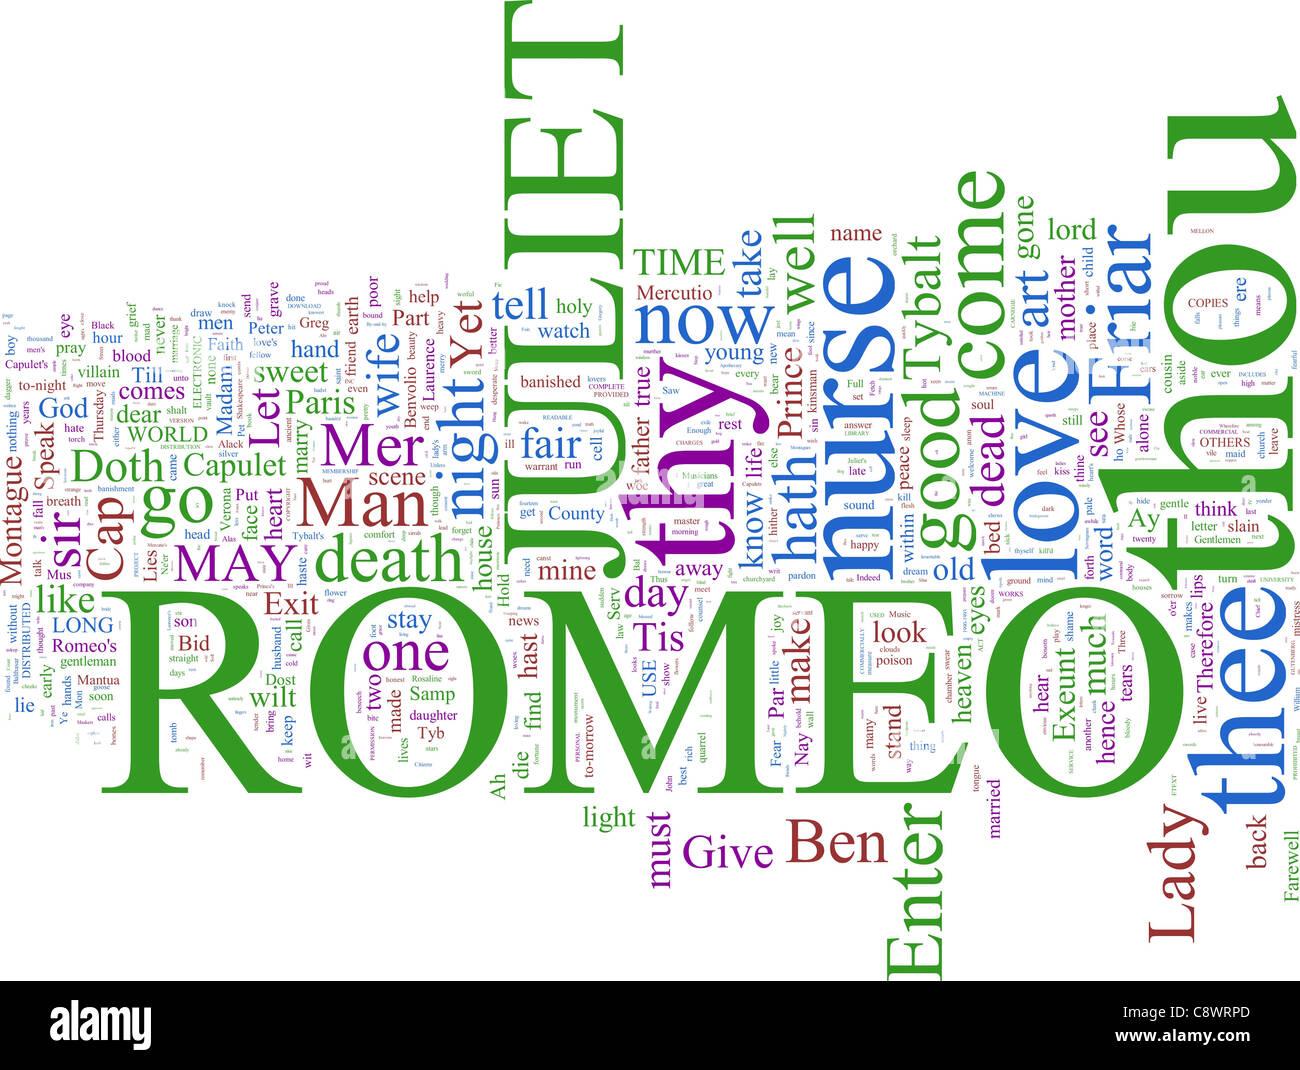 Wer ist erwachsener Romeo oder Juliet?